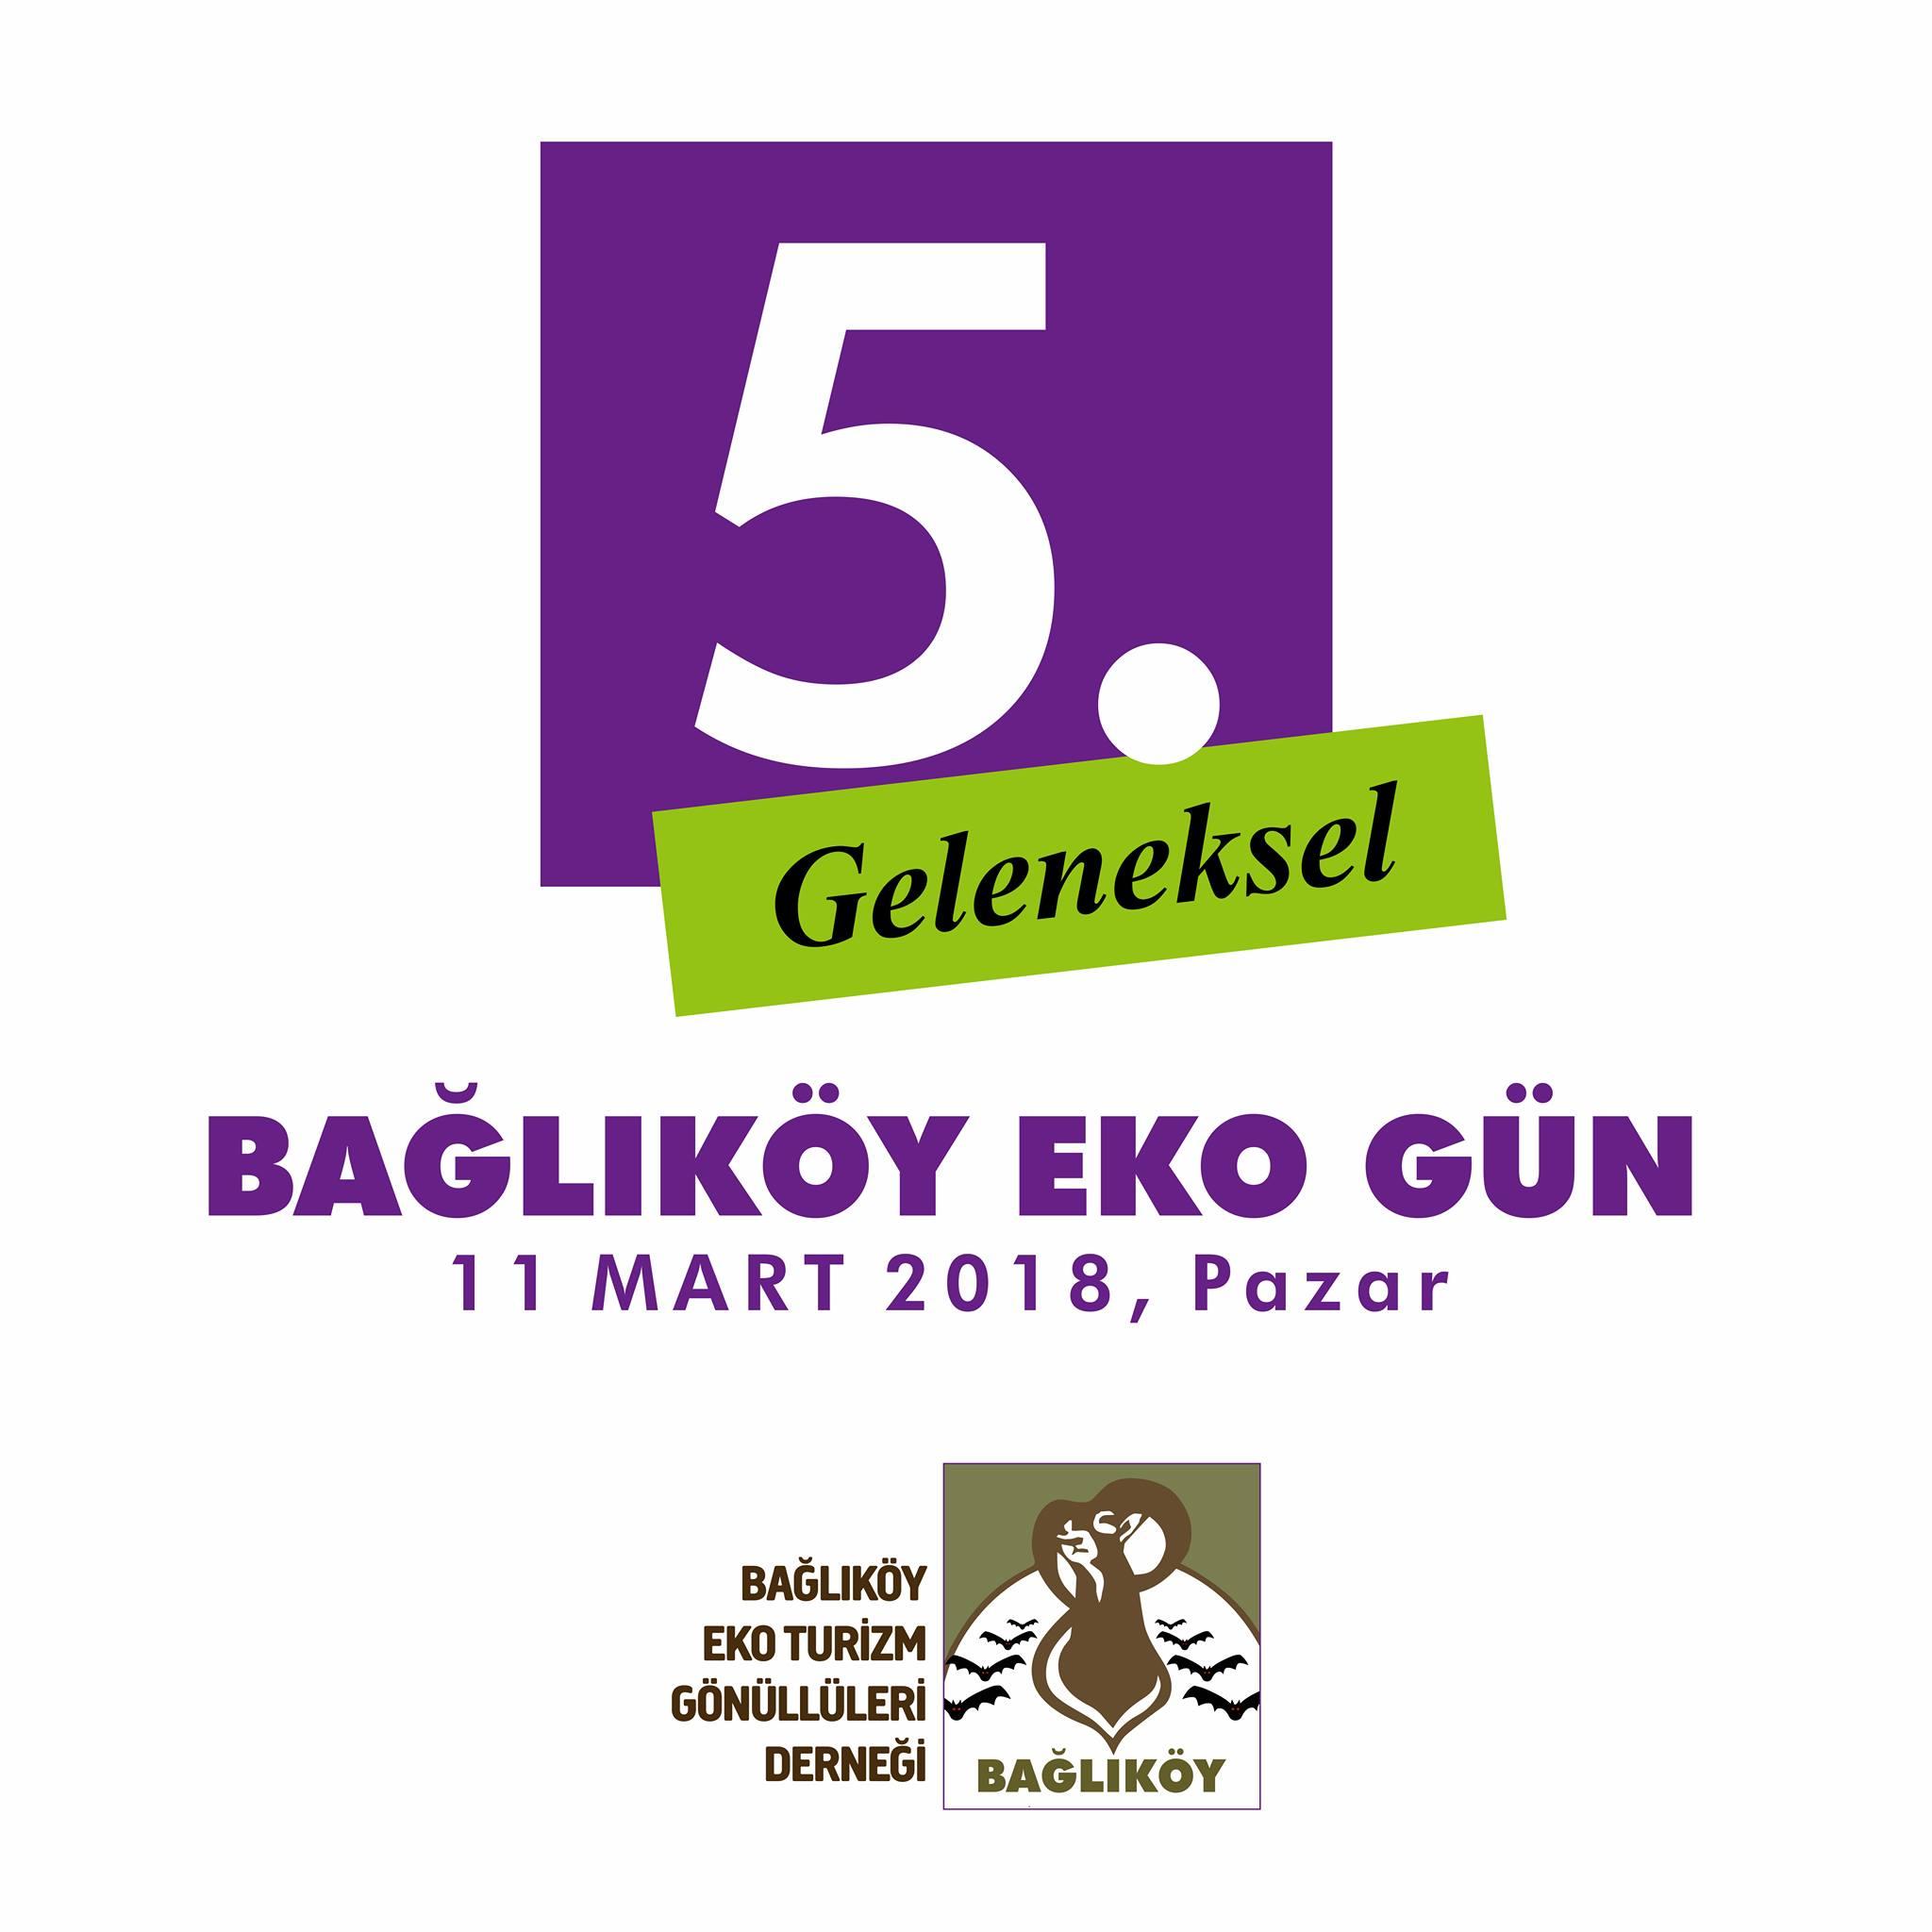 bağlıköy-eko-gün-logo